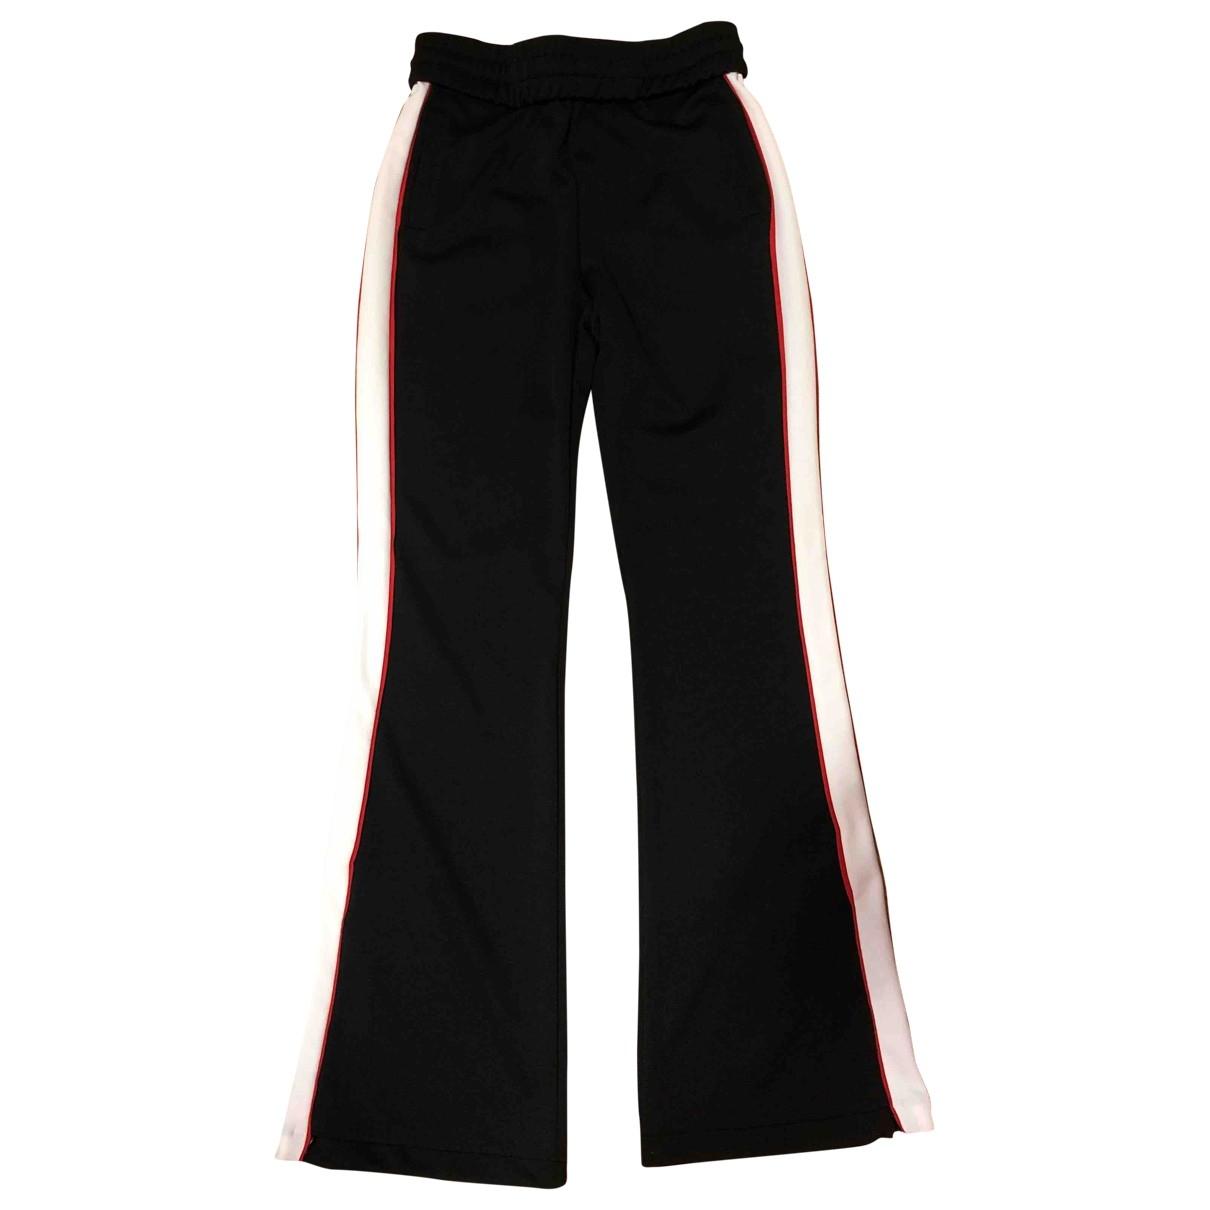 Off-white \N Black Trousers for Women S International